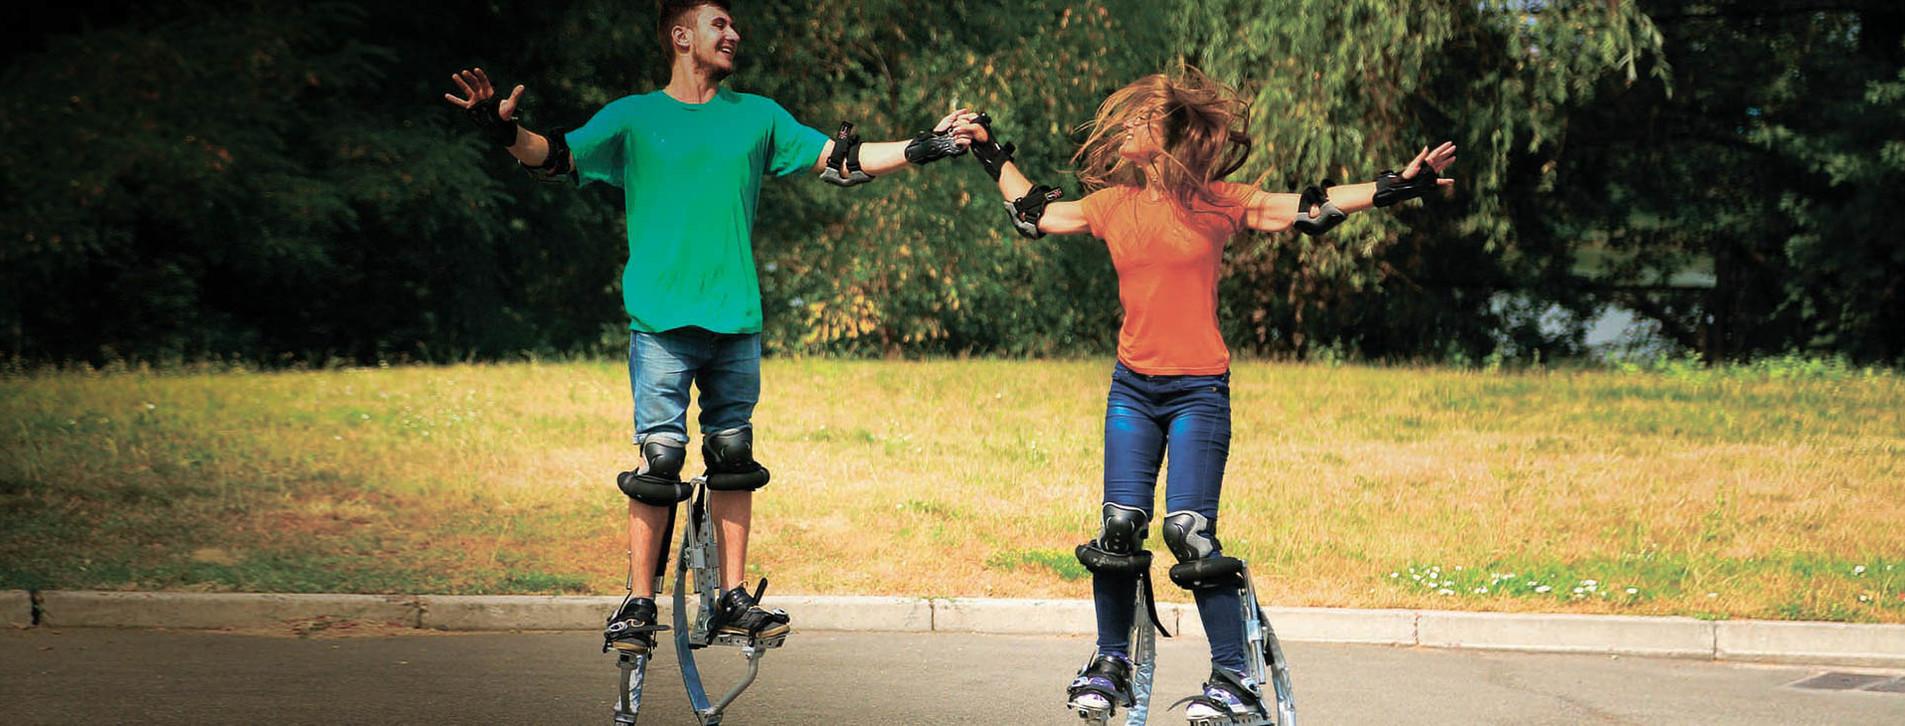 Фото - Прыжки на джамперах для двоих